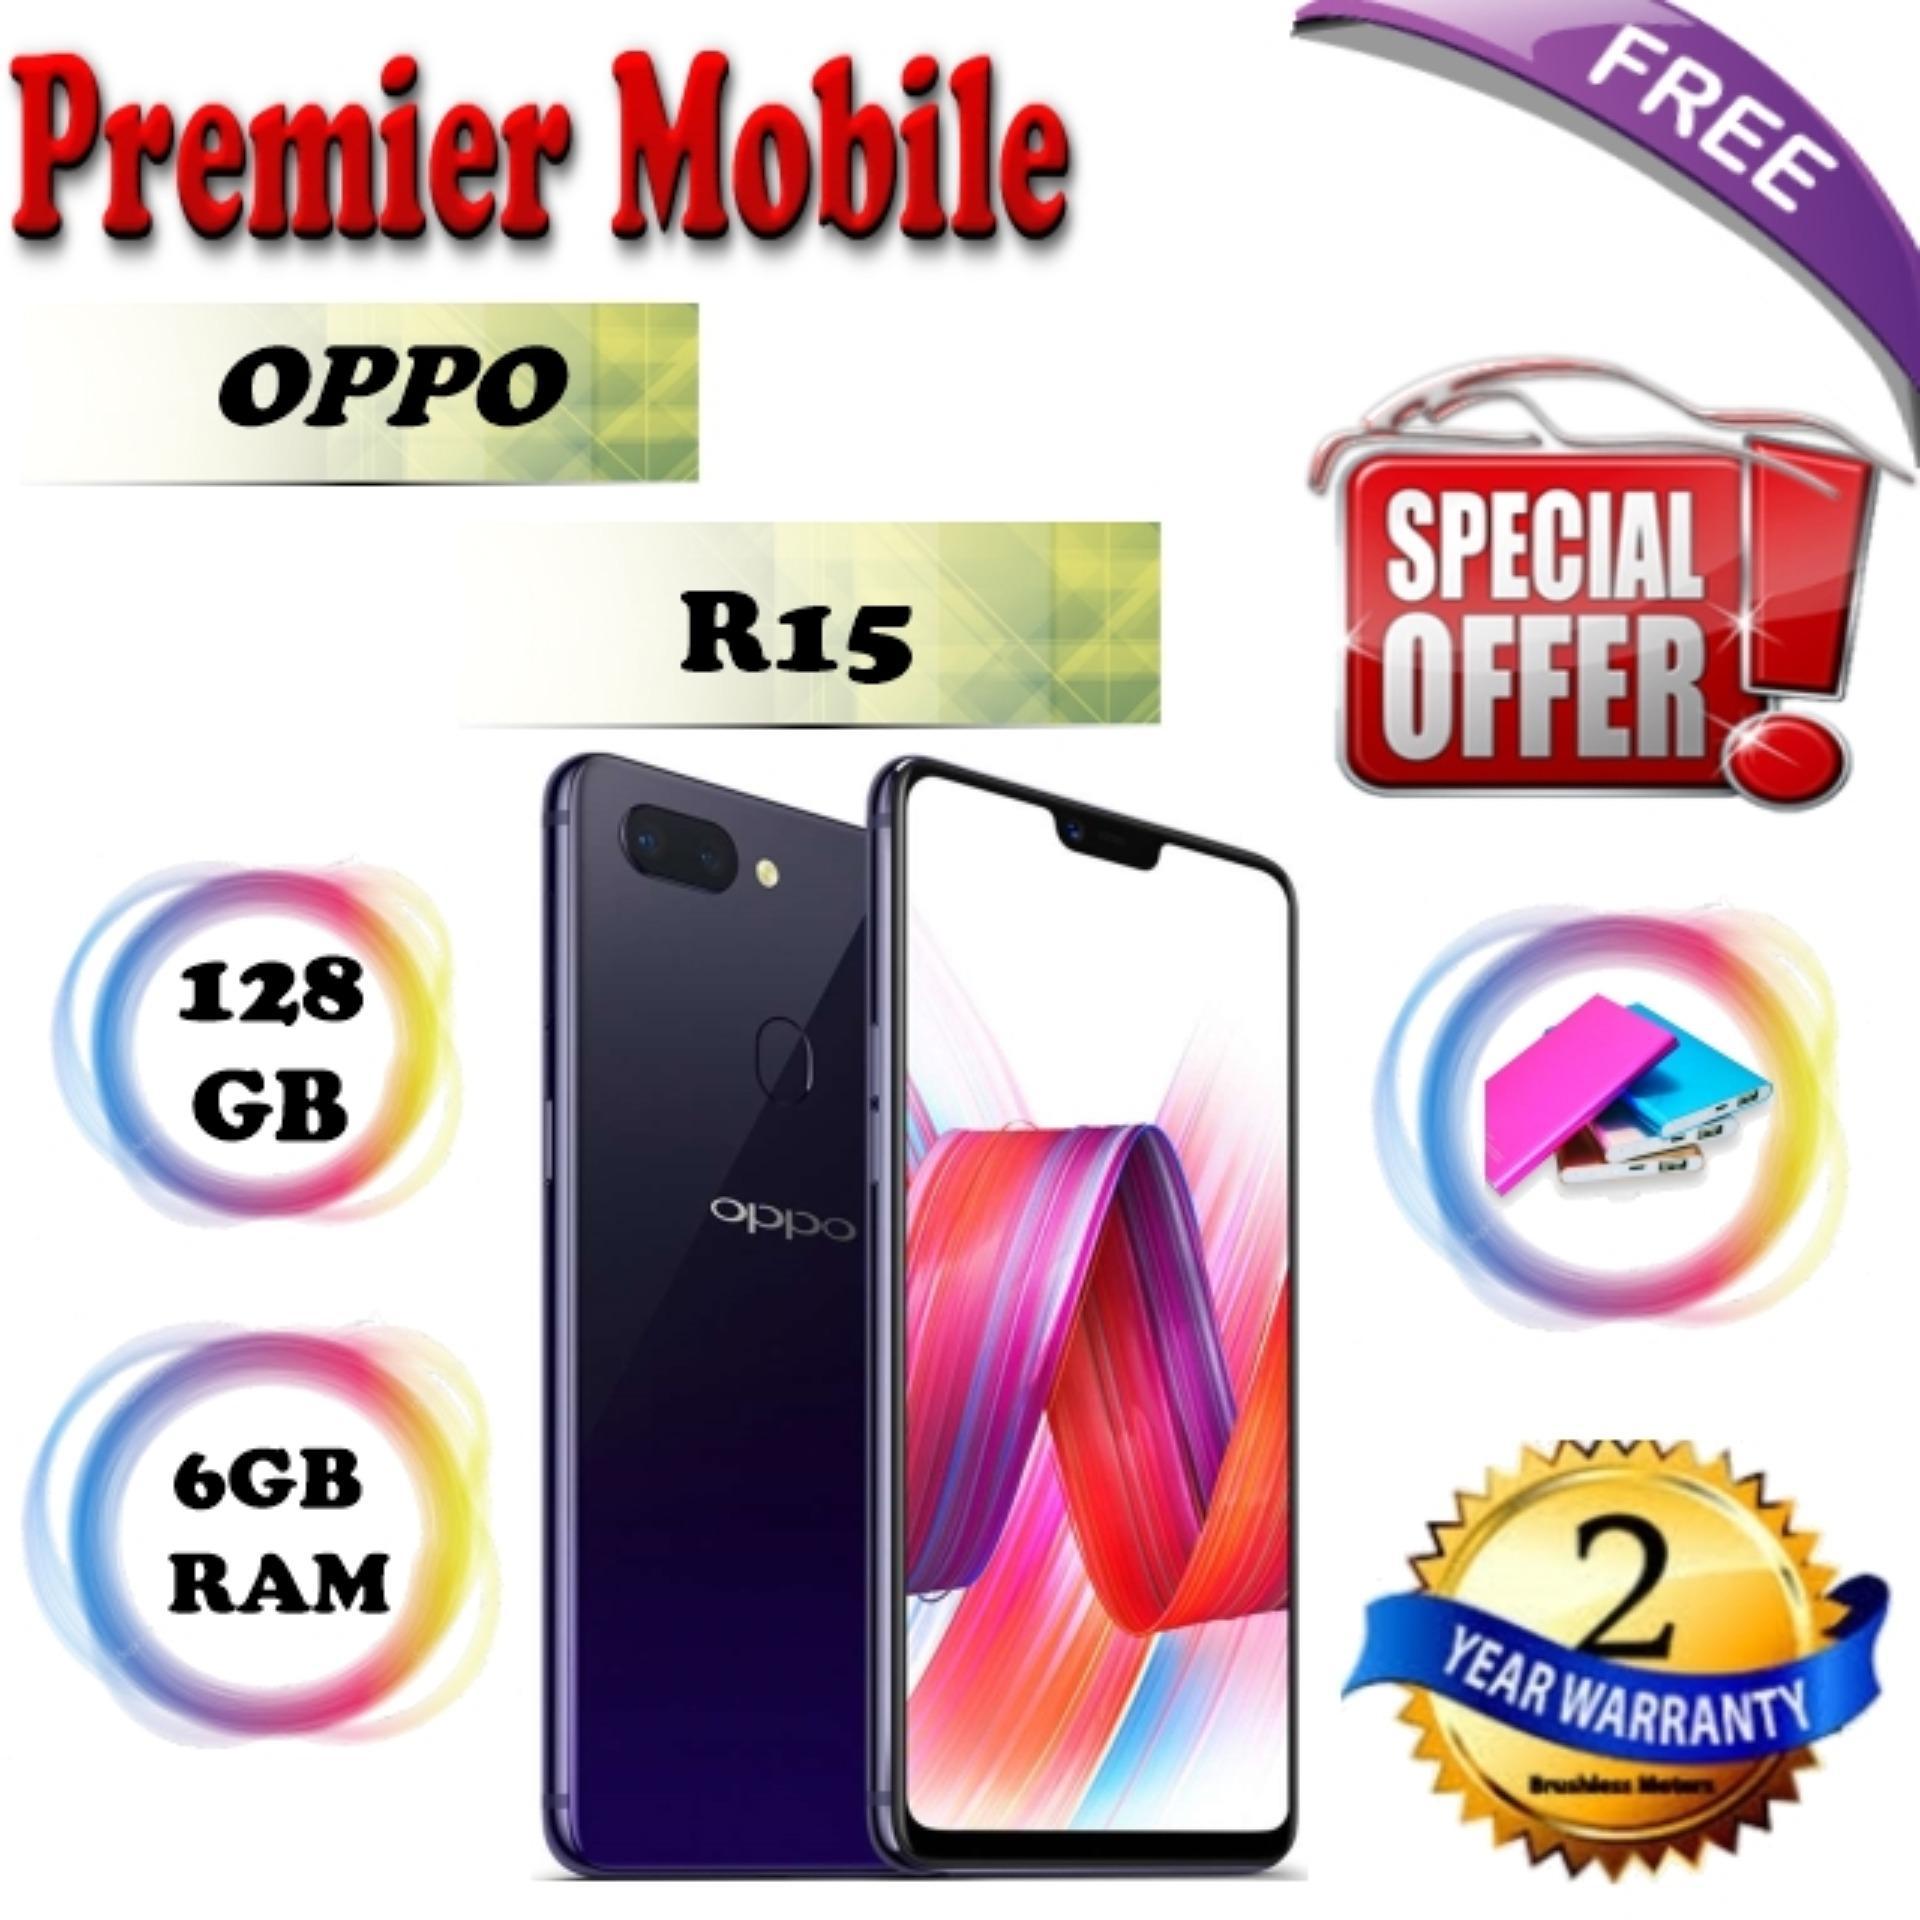 Oppo R15 2 Years Warranty By Oppo  / TC